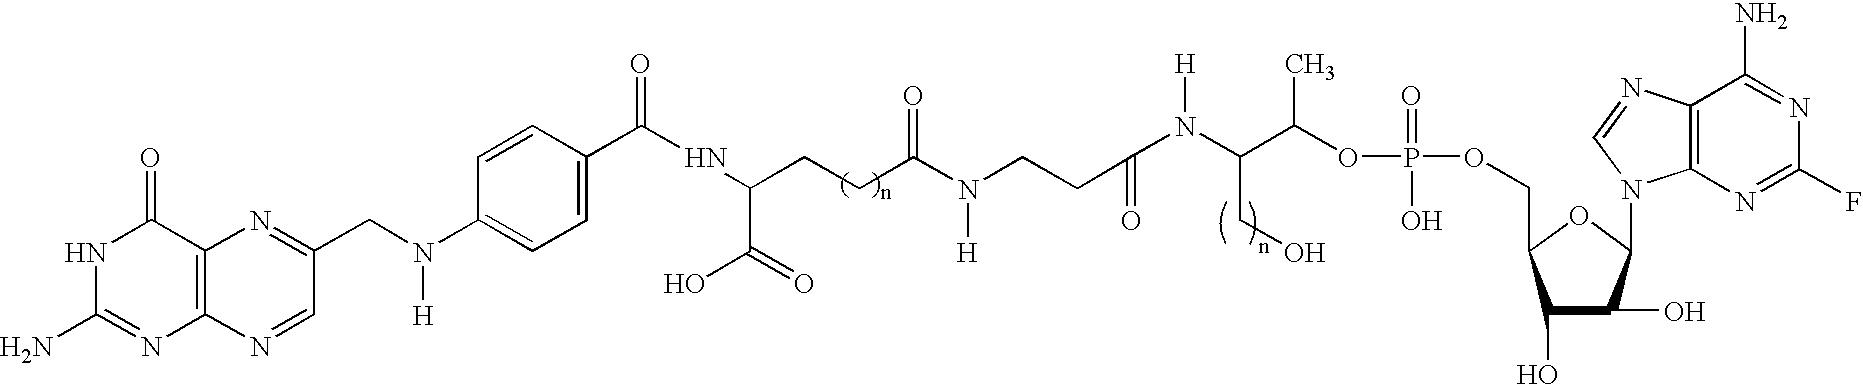 Figure US20030104985A1-20030605-C00023